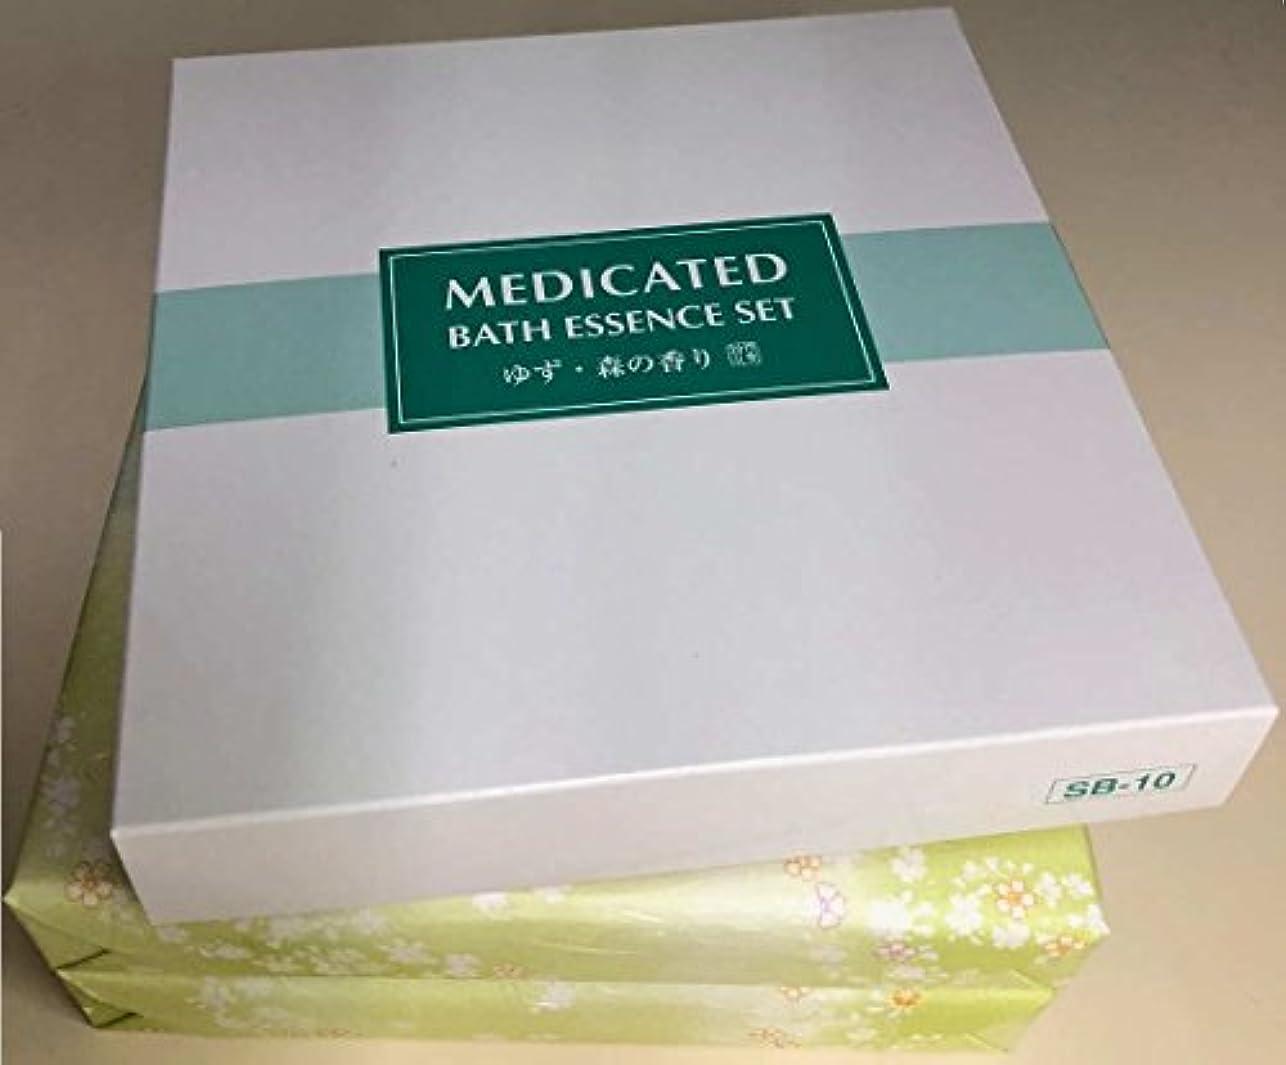 コントラスト系統的直径四季折々 薬用入浴剤セット 3個セット 個別包装済み